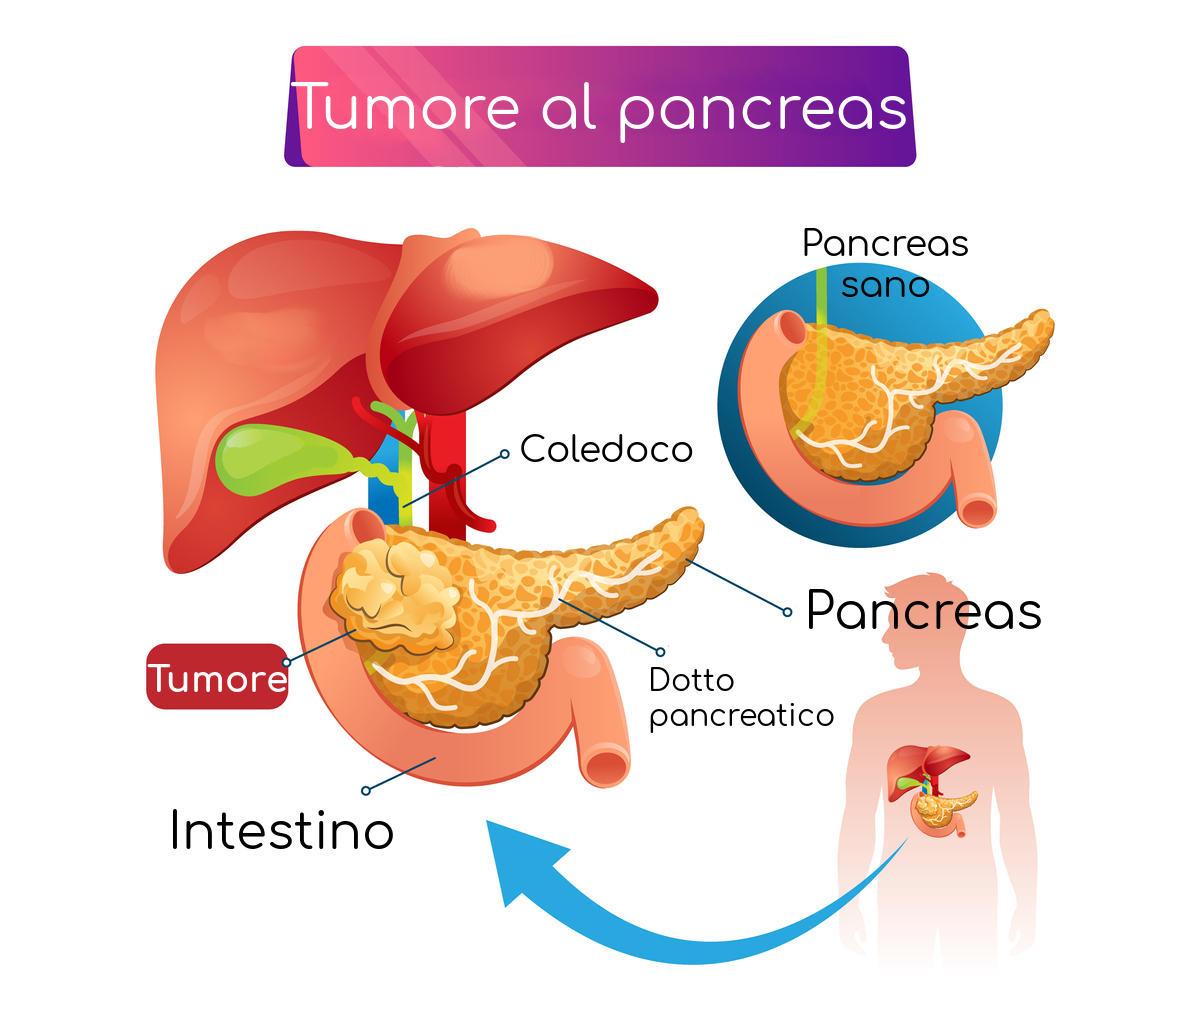 Ejemplificación de la anatomía del cáncer de páncreas